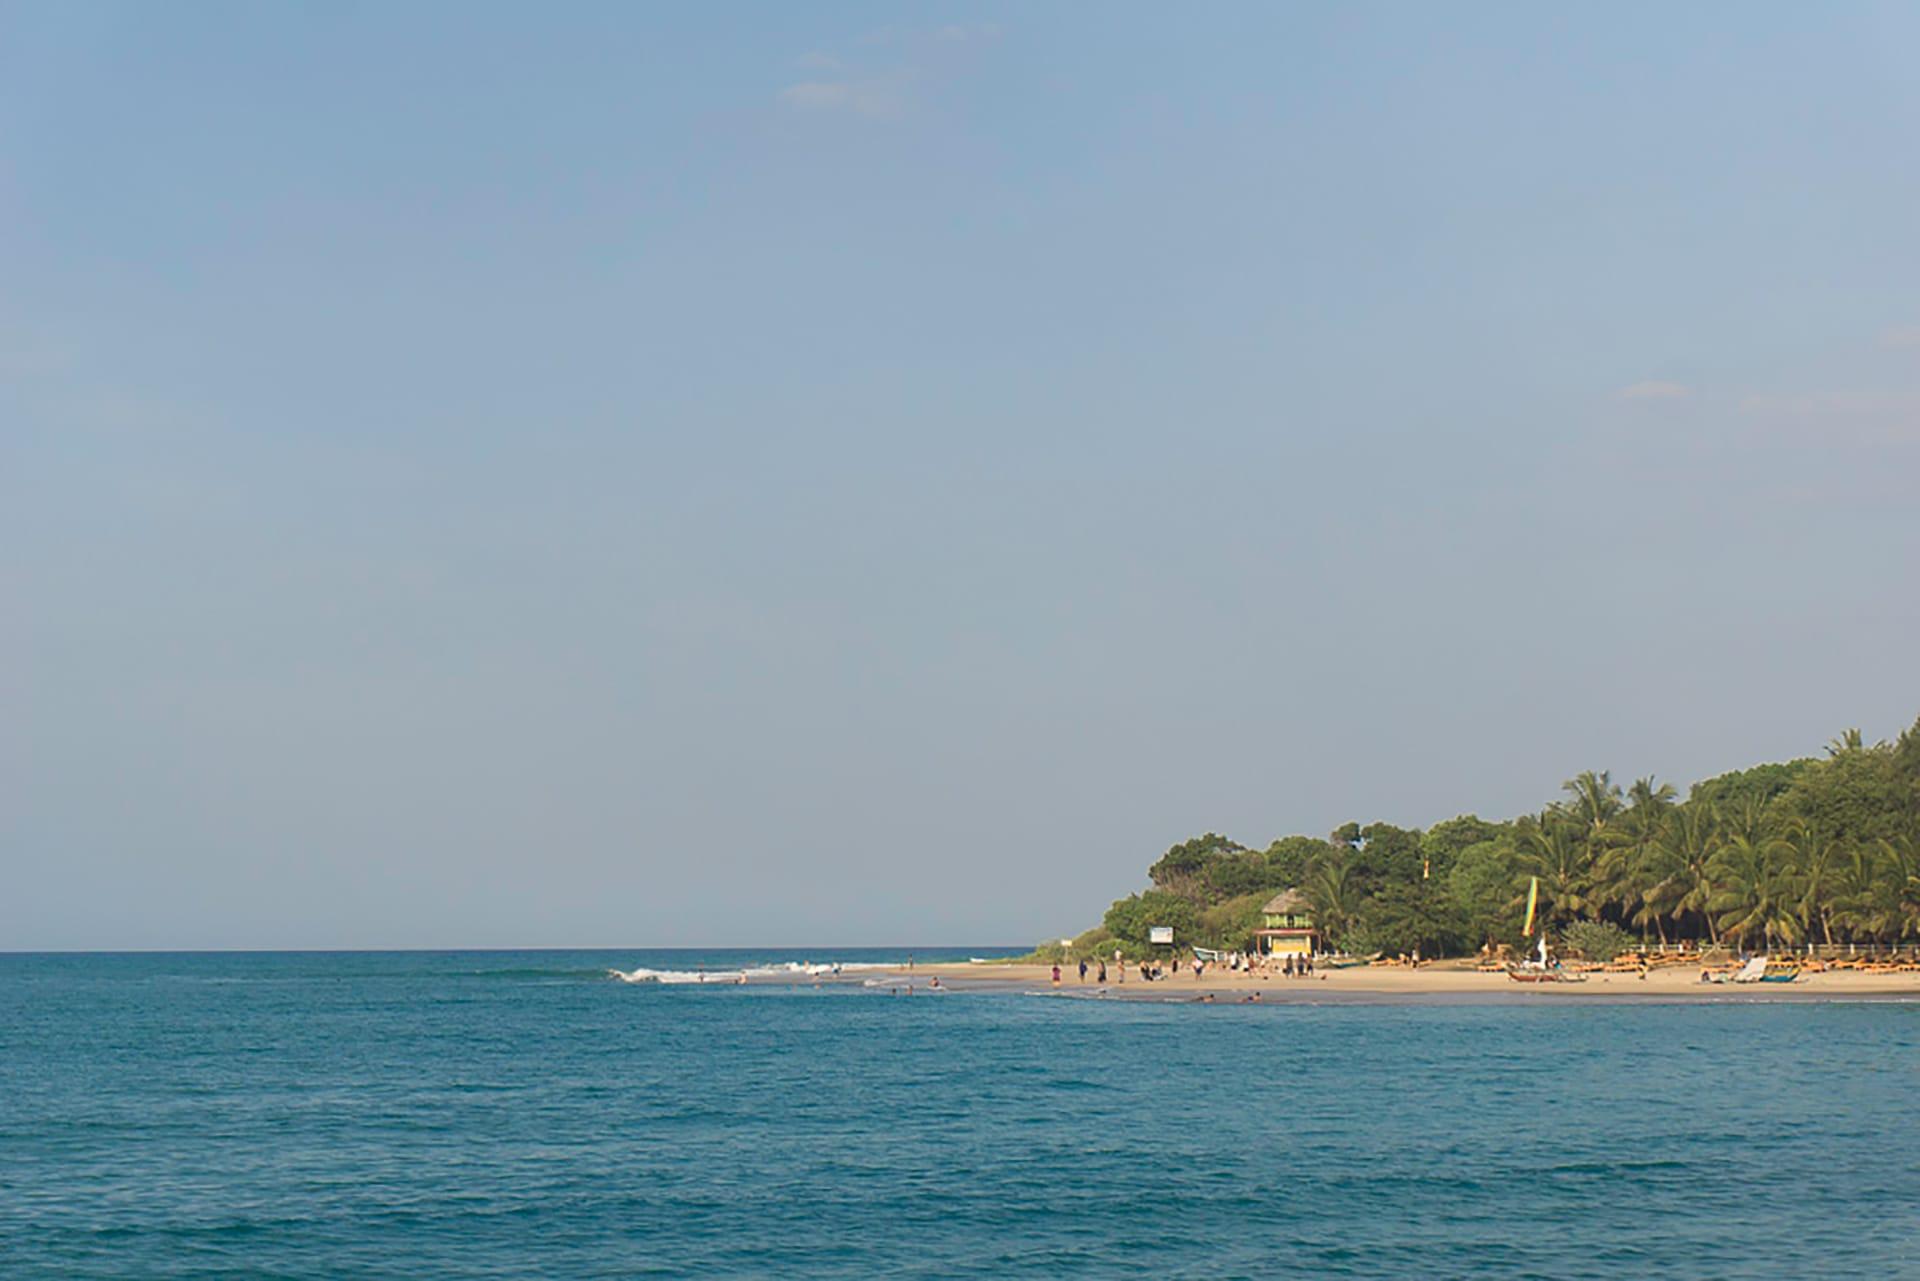 Reisebericht Sri Lanka, Arugam Bay, Reisetipps